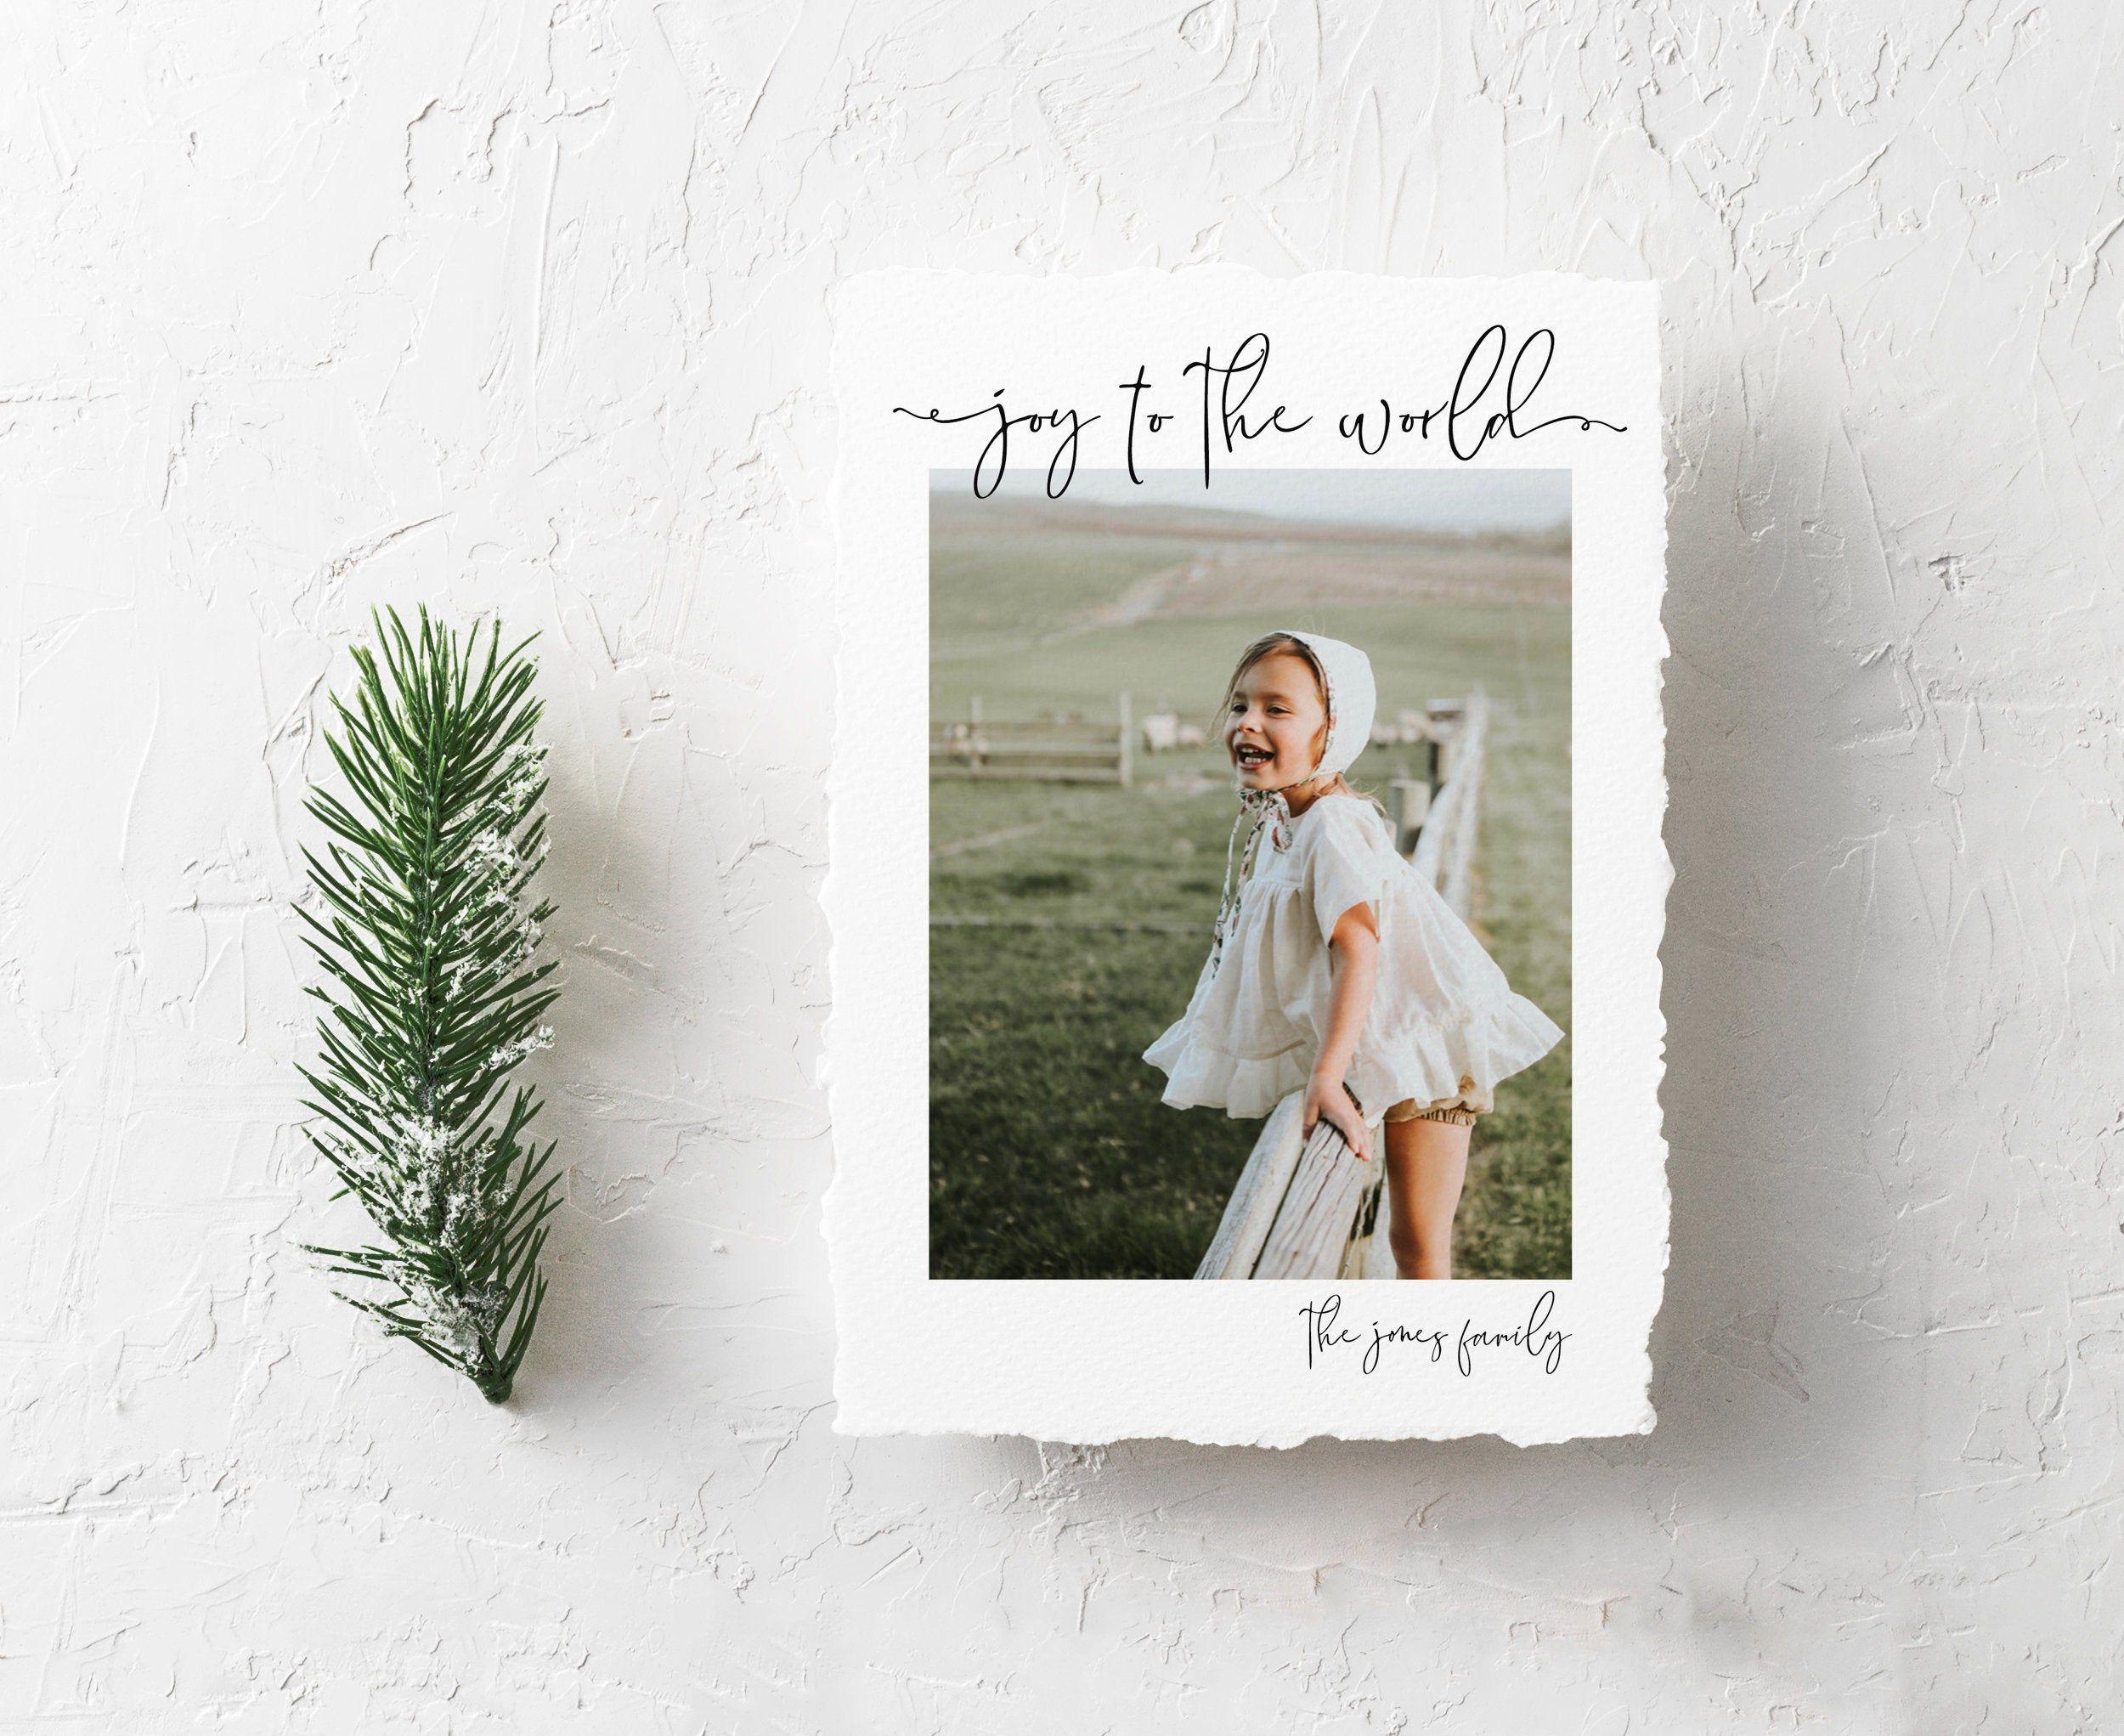 Joy To The World Christmas Card With Photo Printable